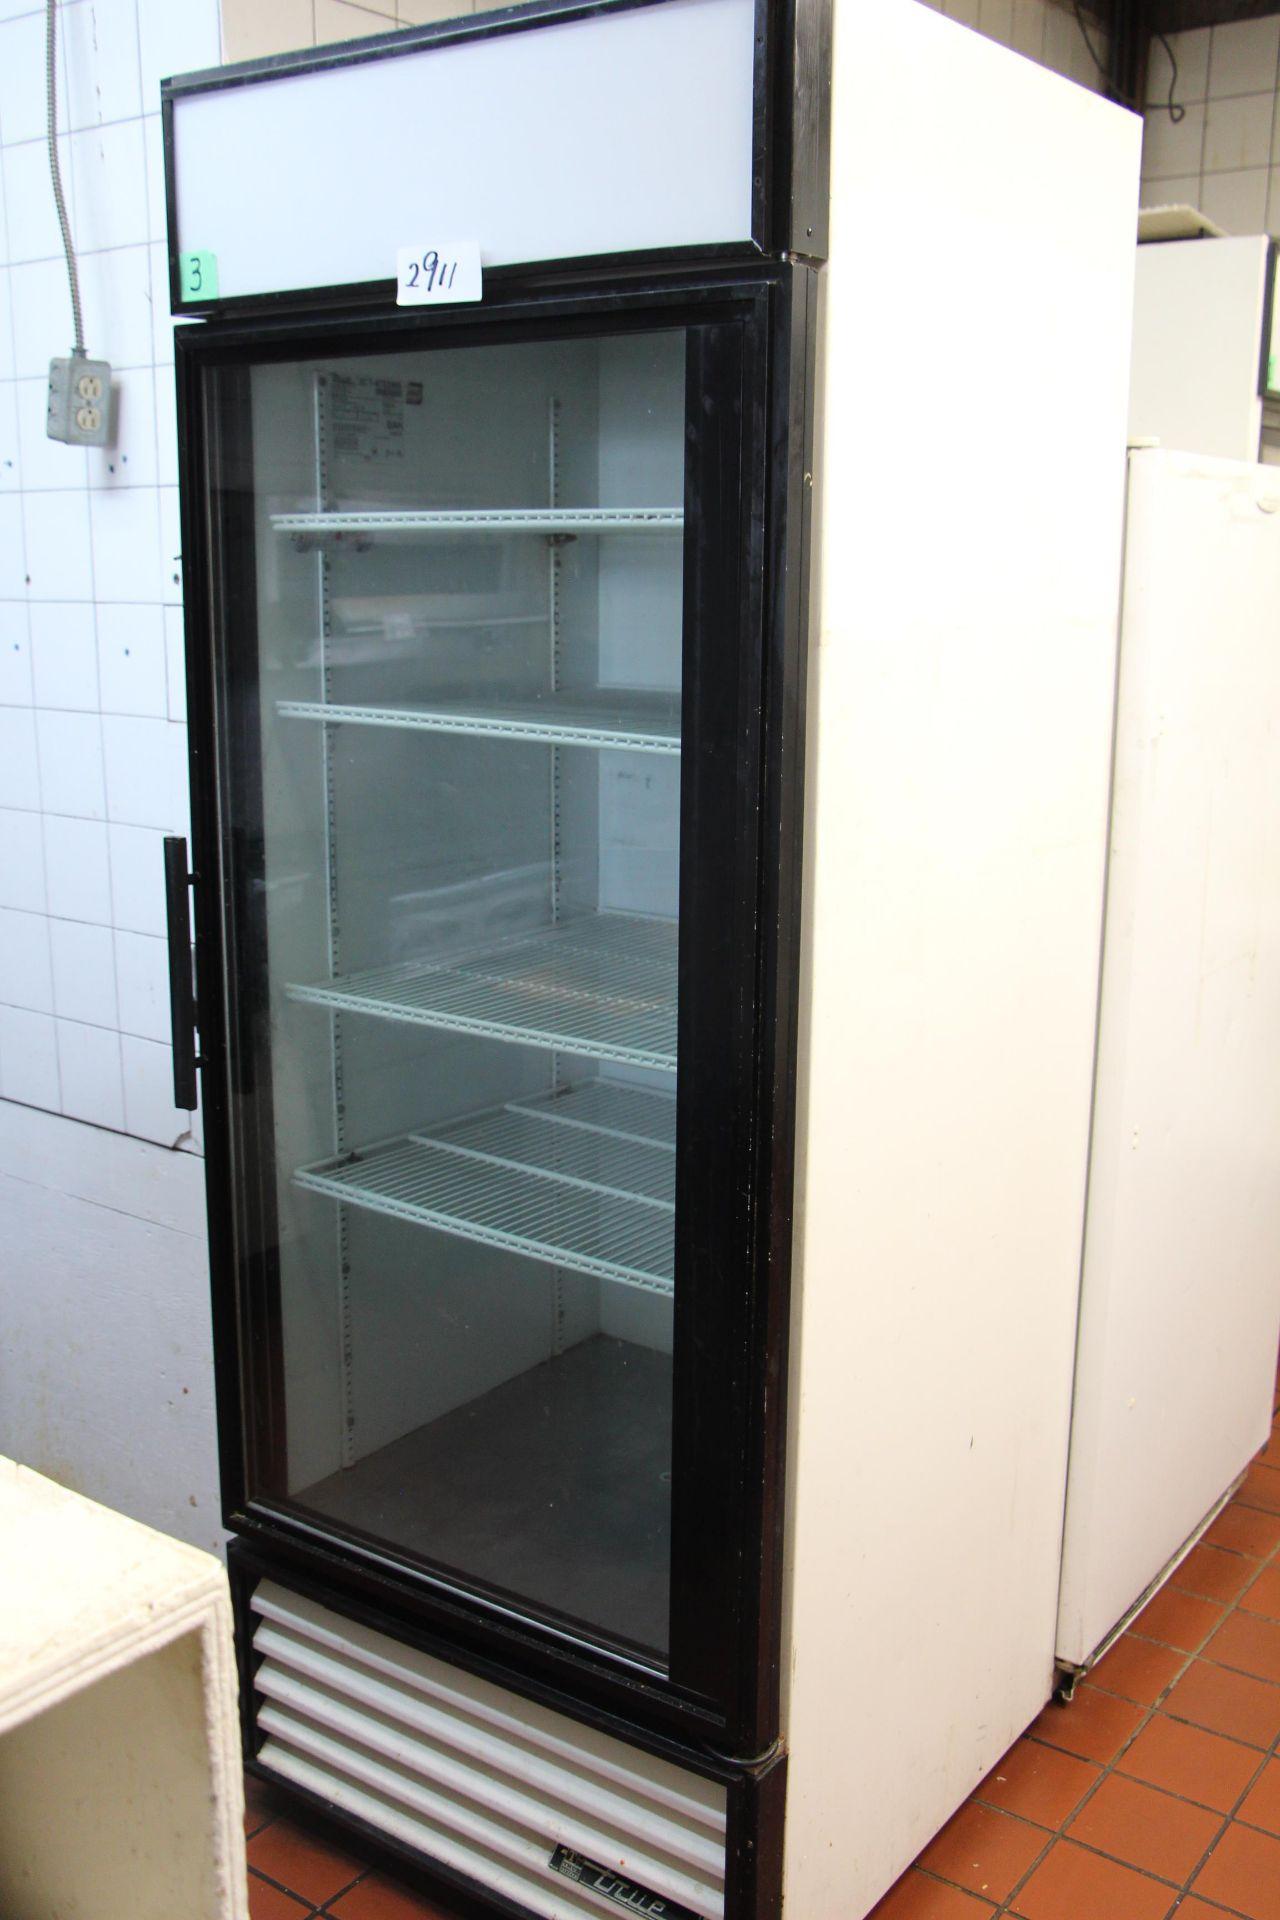 Lot 2911 - True TAA9421DXA glass door refridgerator